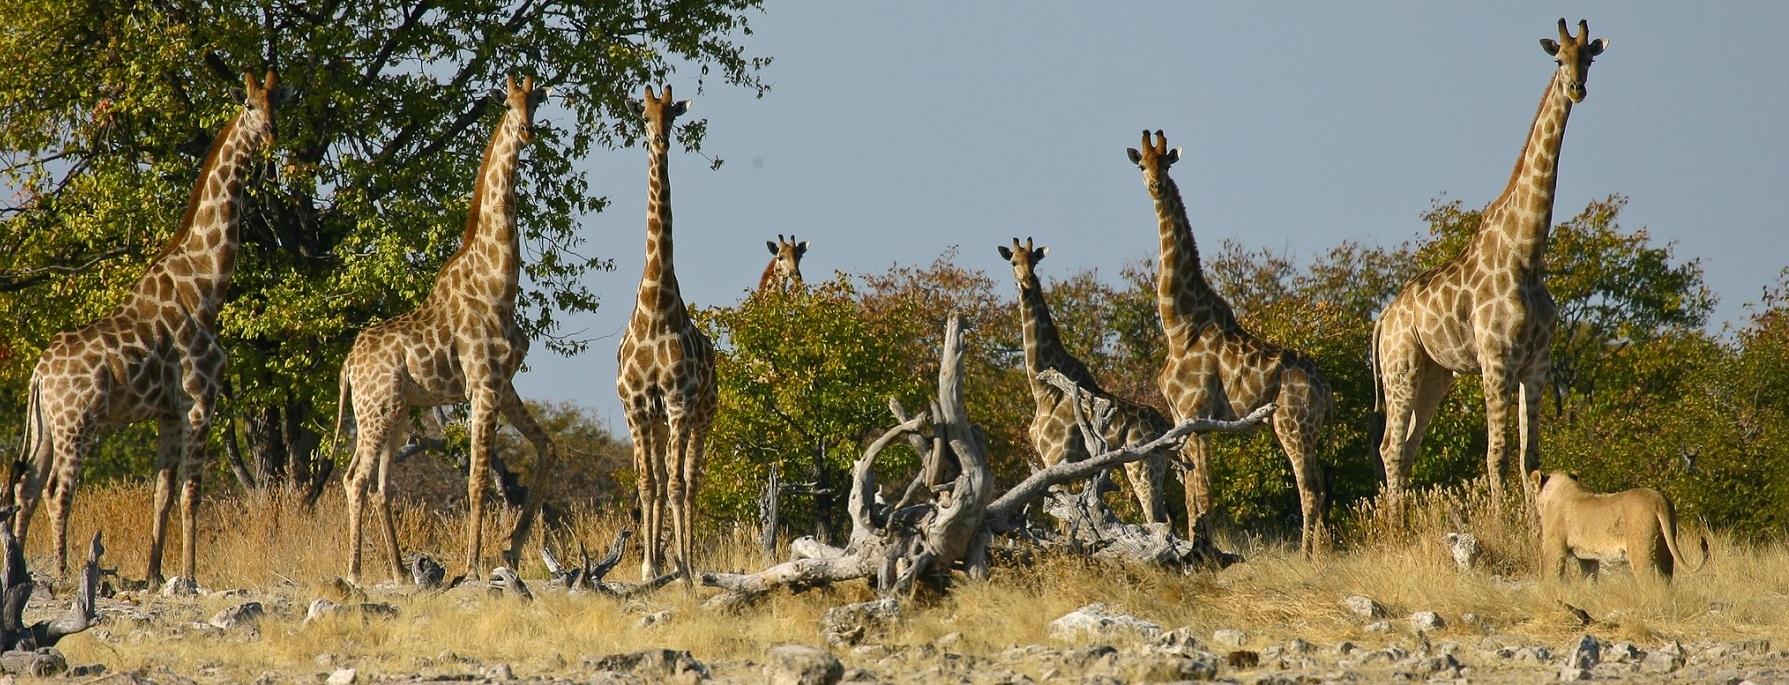 Giraffenherde in Namibia